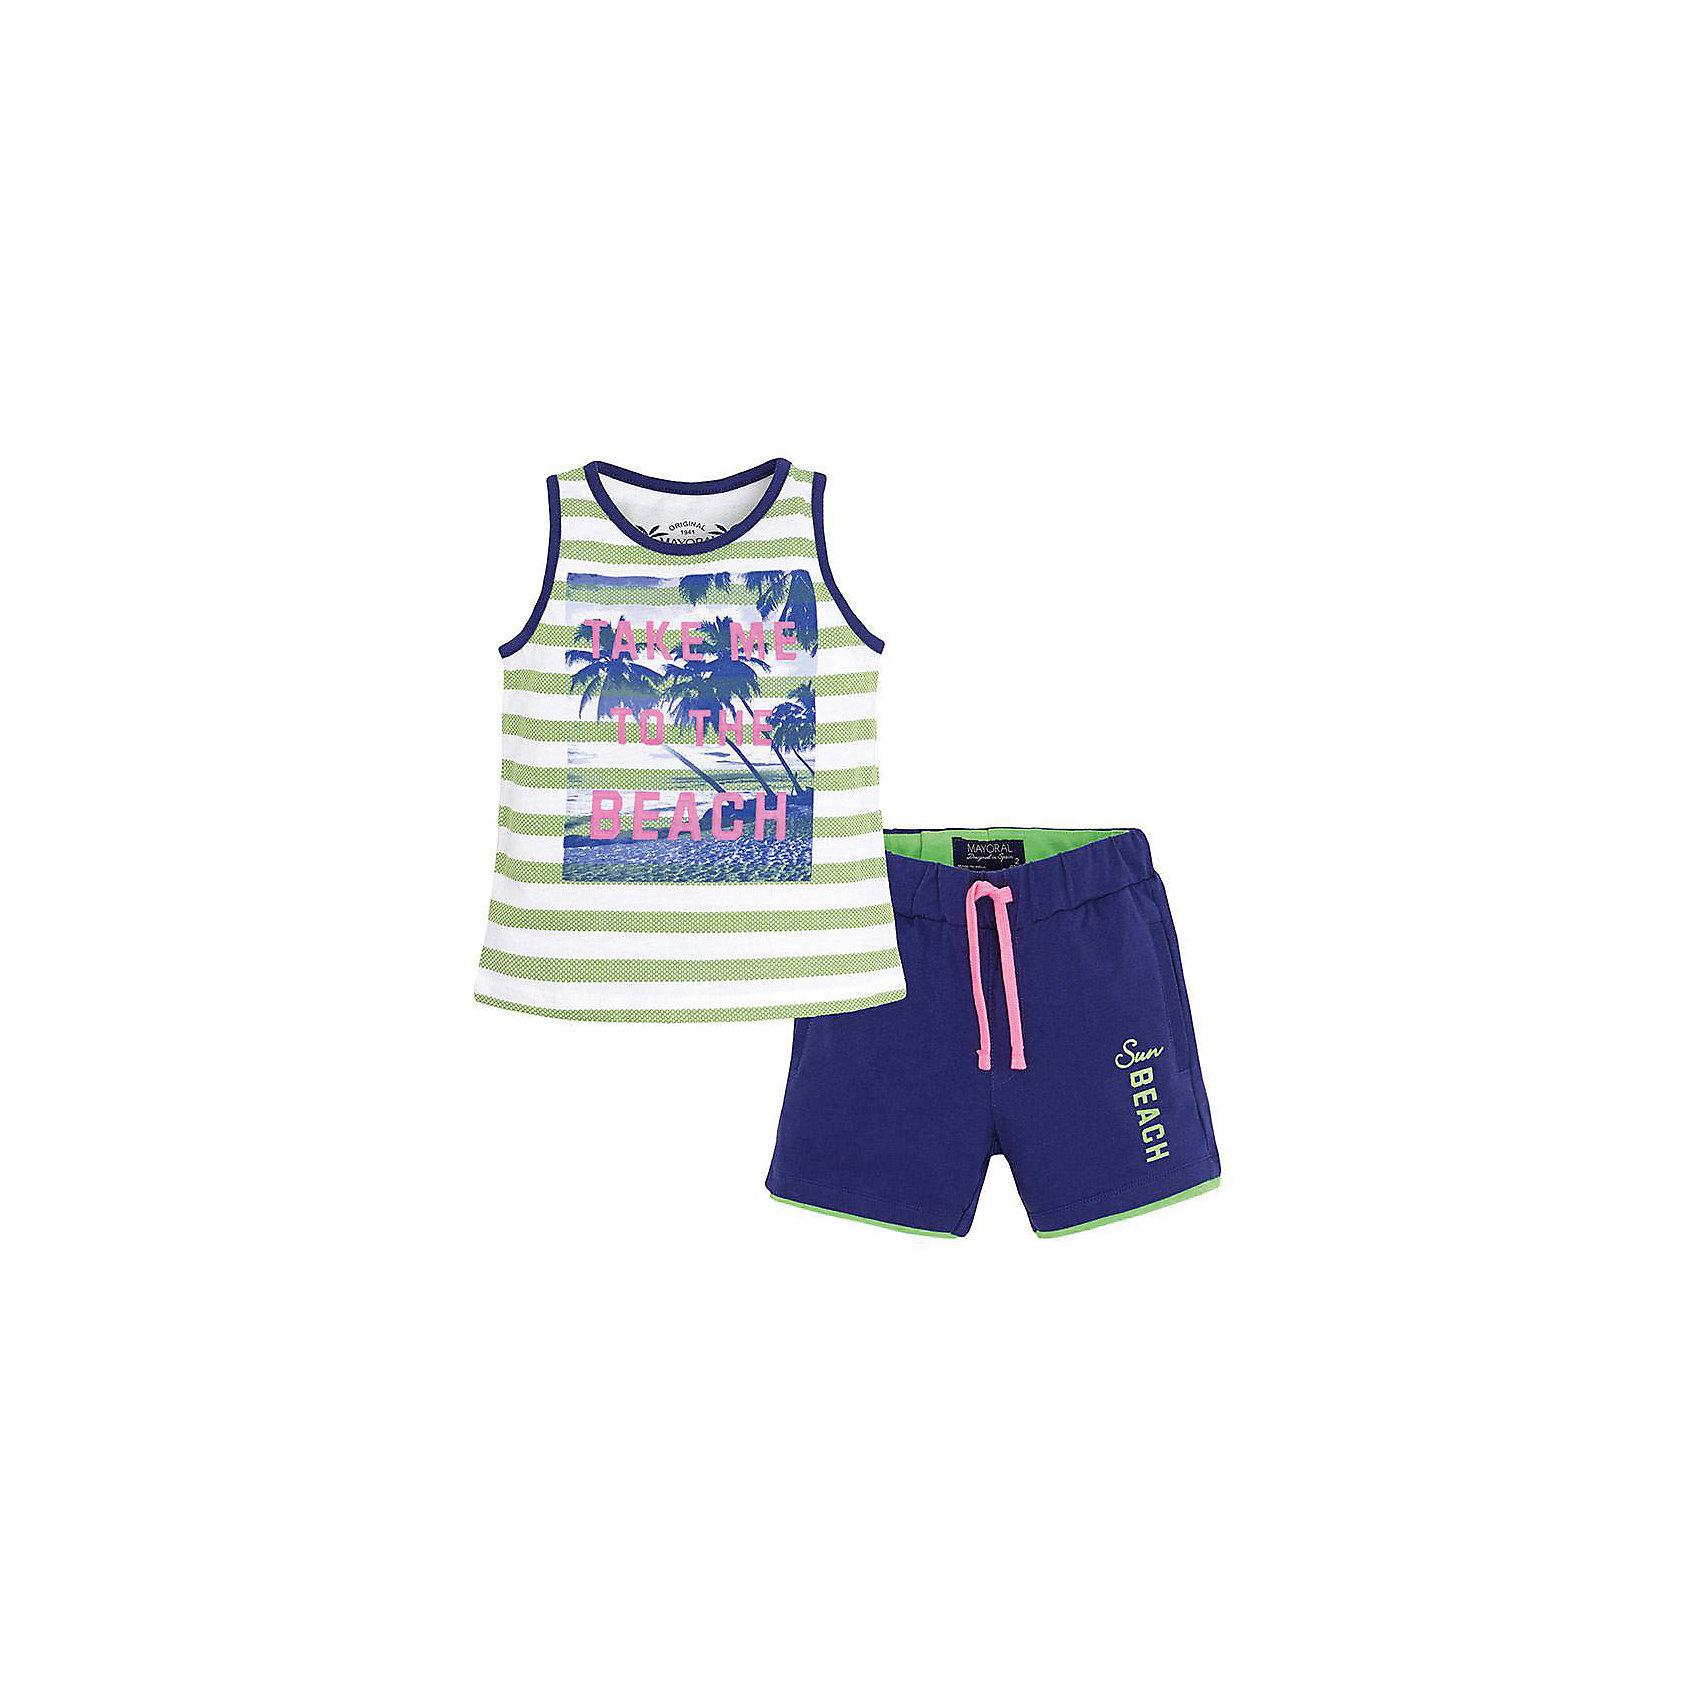 Комплект для мальчика: майка и шорты MayoralКомплект: футболка и шорты для мальчика от известной испанской марки Mayoral <br><br>Модная футболка с шортами от Mayoral особенно актуальны в теплое время года! Она прекрасно сочетаются и с другими вещами.  Модель выполнена из качественных материалов, отлично сидит по фигуре.<br><br>Особенности модели:<br><br>- цвет: синий, зеленый;<br>- принт;<br>- шорты - на резинке и шнурке;<br>- натуральный материал.<br><br>Дополнительная информация:<br><br>Состав: 100% хлопок<br><br>Комплект: футболка и шорты для мальчика Mayoral (Майорал) можно купить в нашем магазине.<br><br>Ширина мм: 191<br>Глубина мм: 10<br>Высота мм: 175<br>Вес г: 273<br>Цвет: зеленый<br>Возраст от месяцев: 72<br>Возраст до месяцев: 84<br>Пол: Мужской<br>Возраст: Детский<br>Размер: 116,122,98,128,104,110,134<br>SKU: 4542666